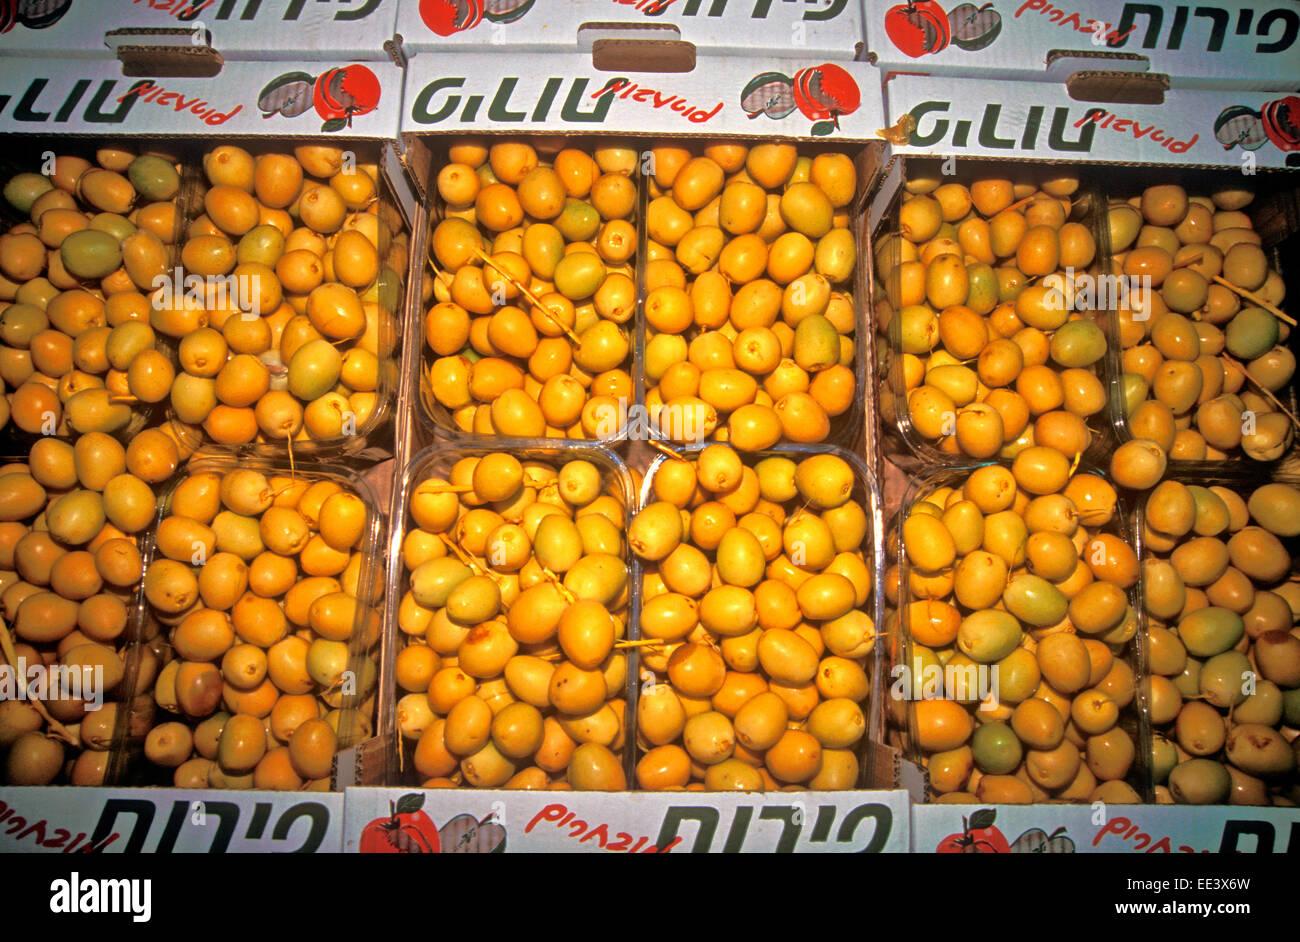 Gelbe Termine im Boxen, Israel Stockbild